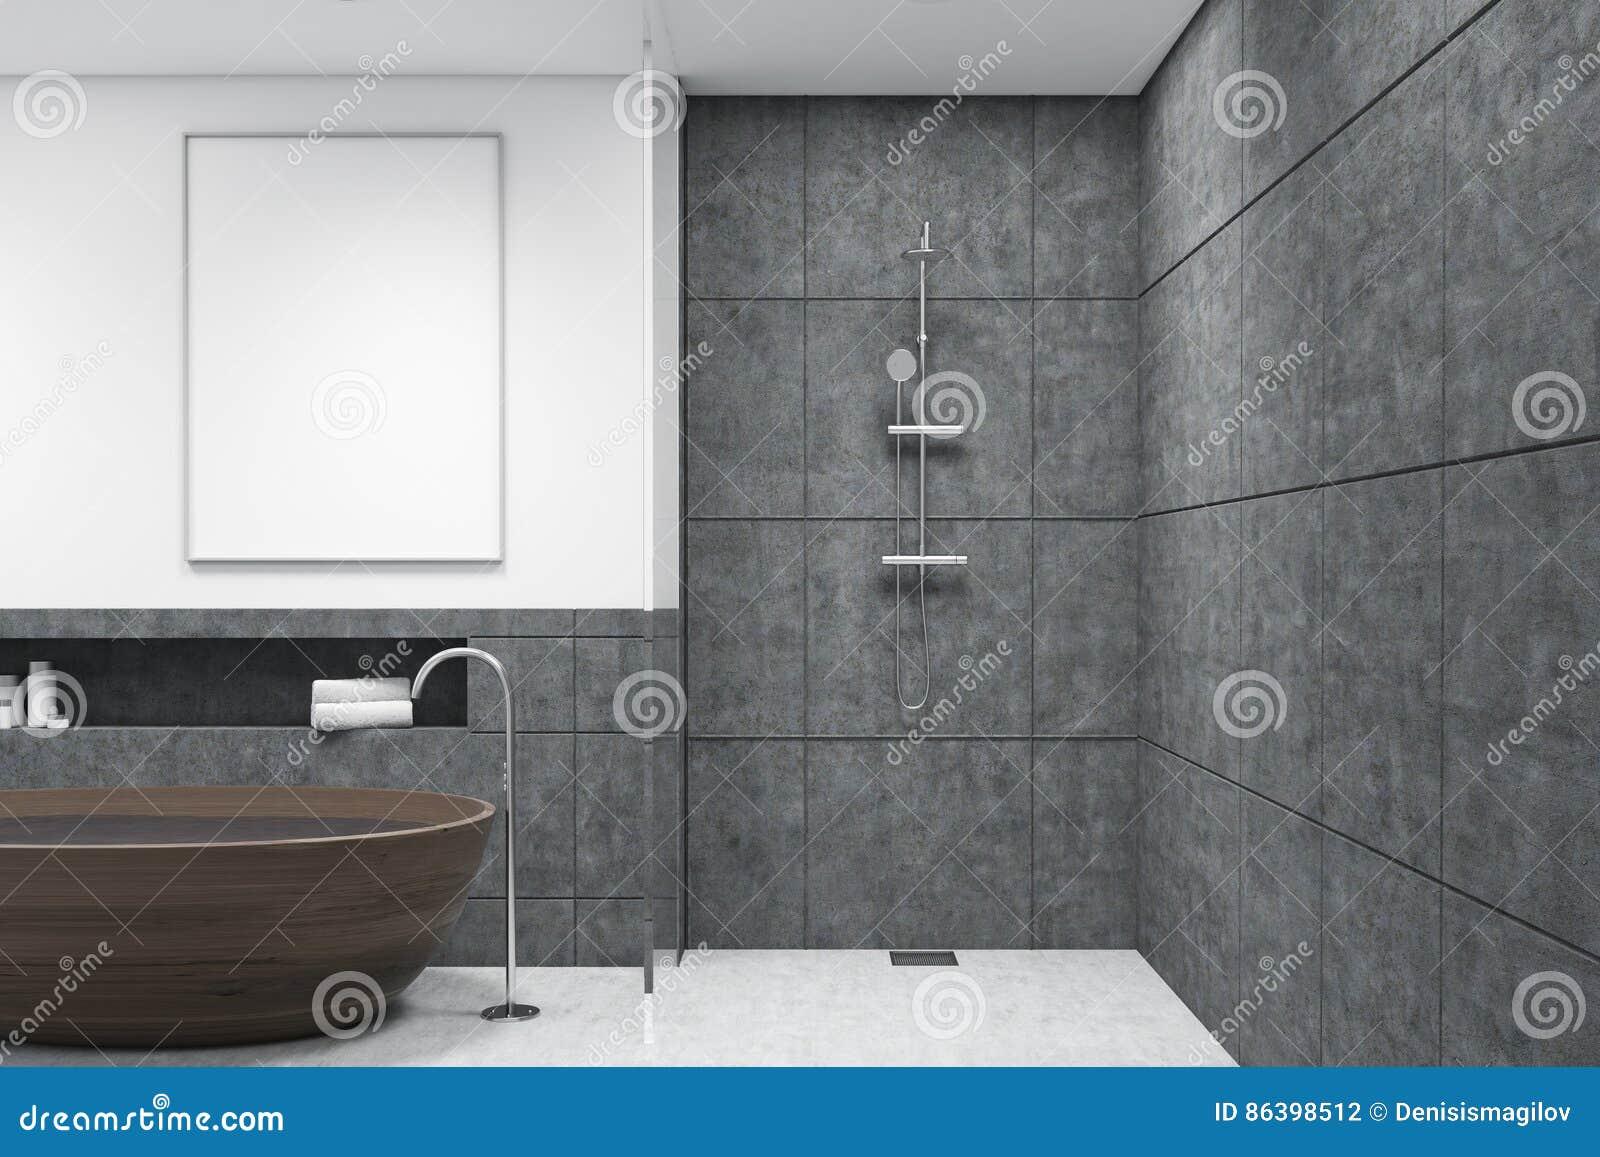 Vasca Da Bagno Verticale : Bagno con la vasca di legno manifesto verticale scuro